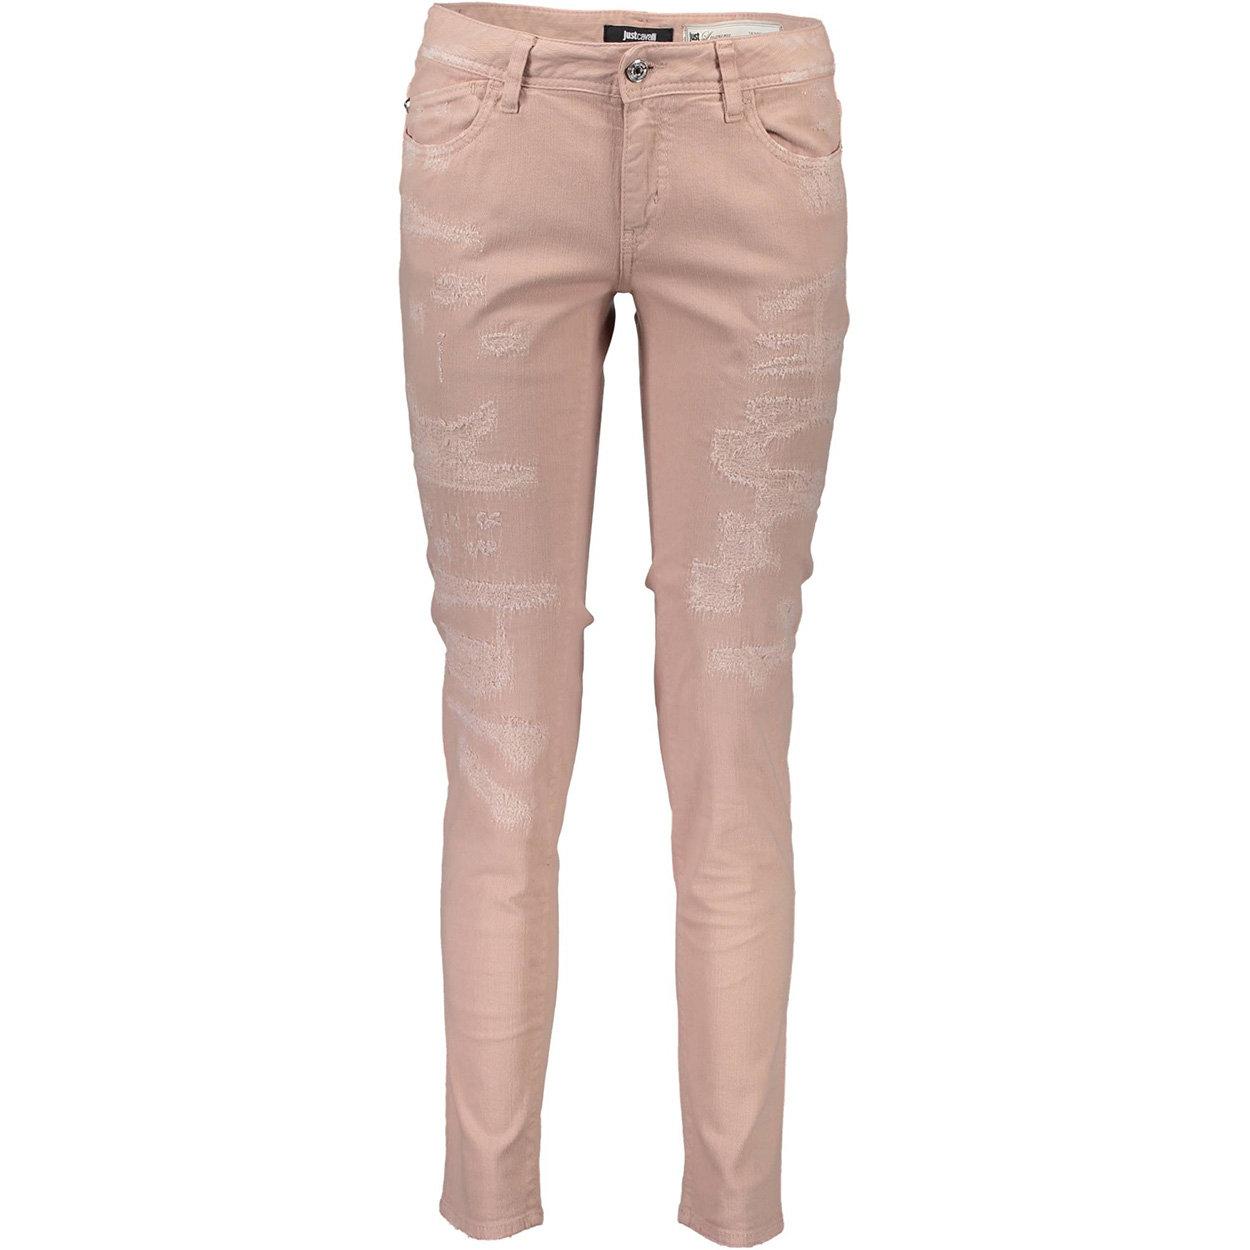 Pantalone rosa 5 tasche